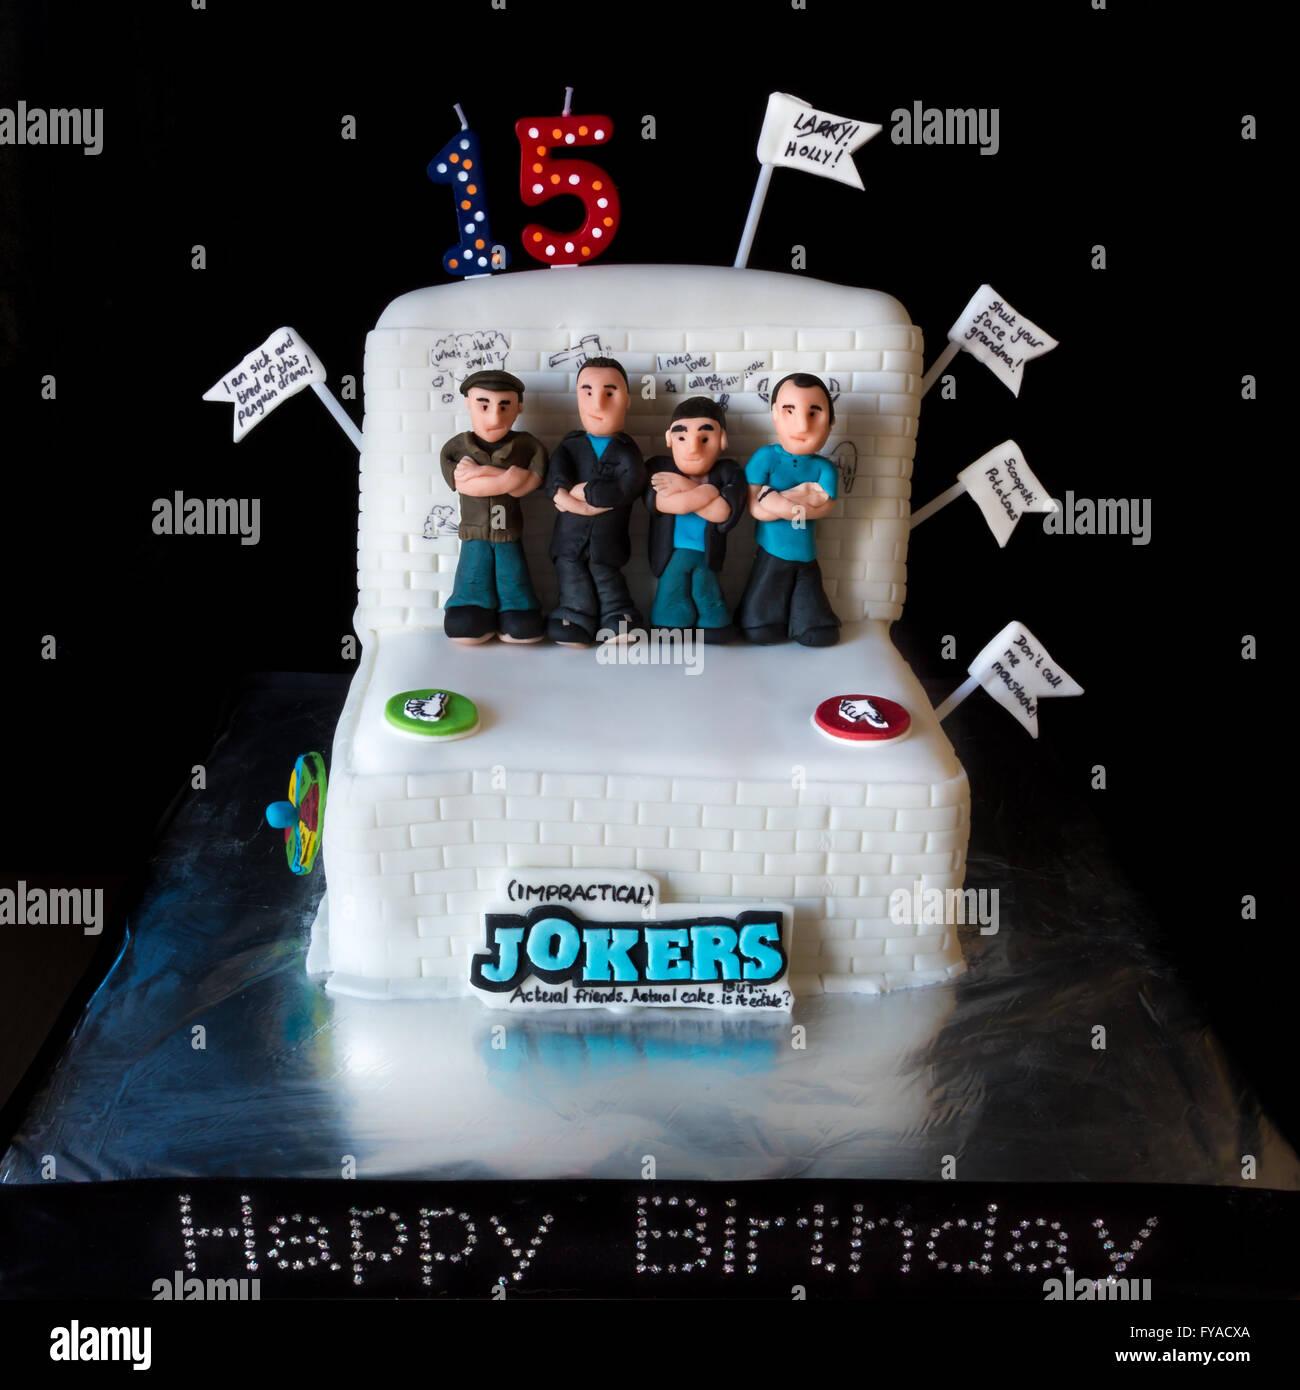 Homemade Novelty Themed Birthday Cake For The Impractical Jokers TV Series